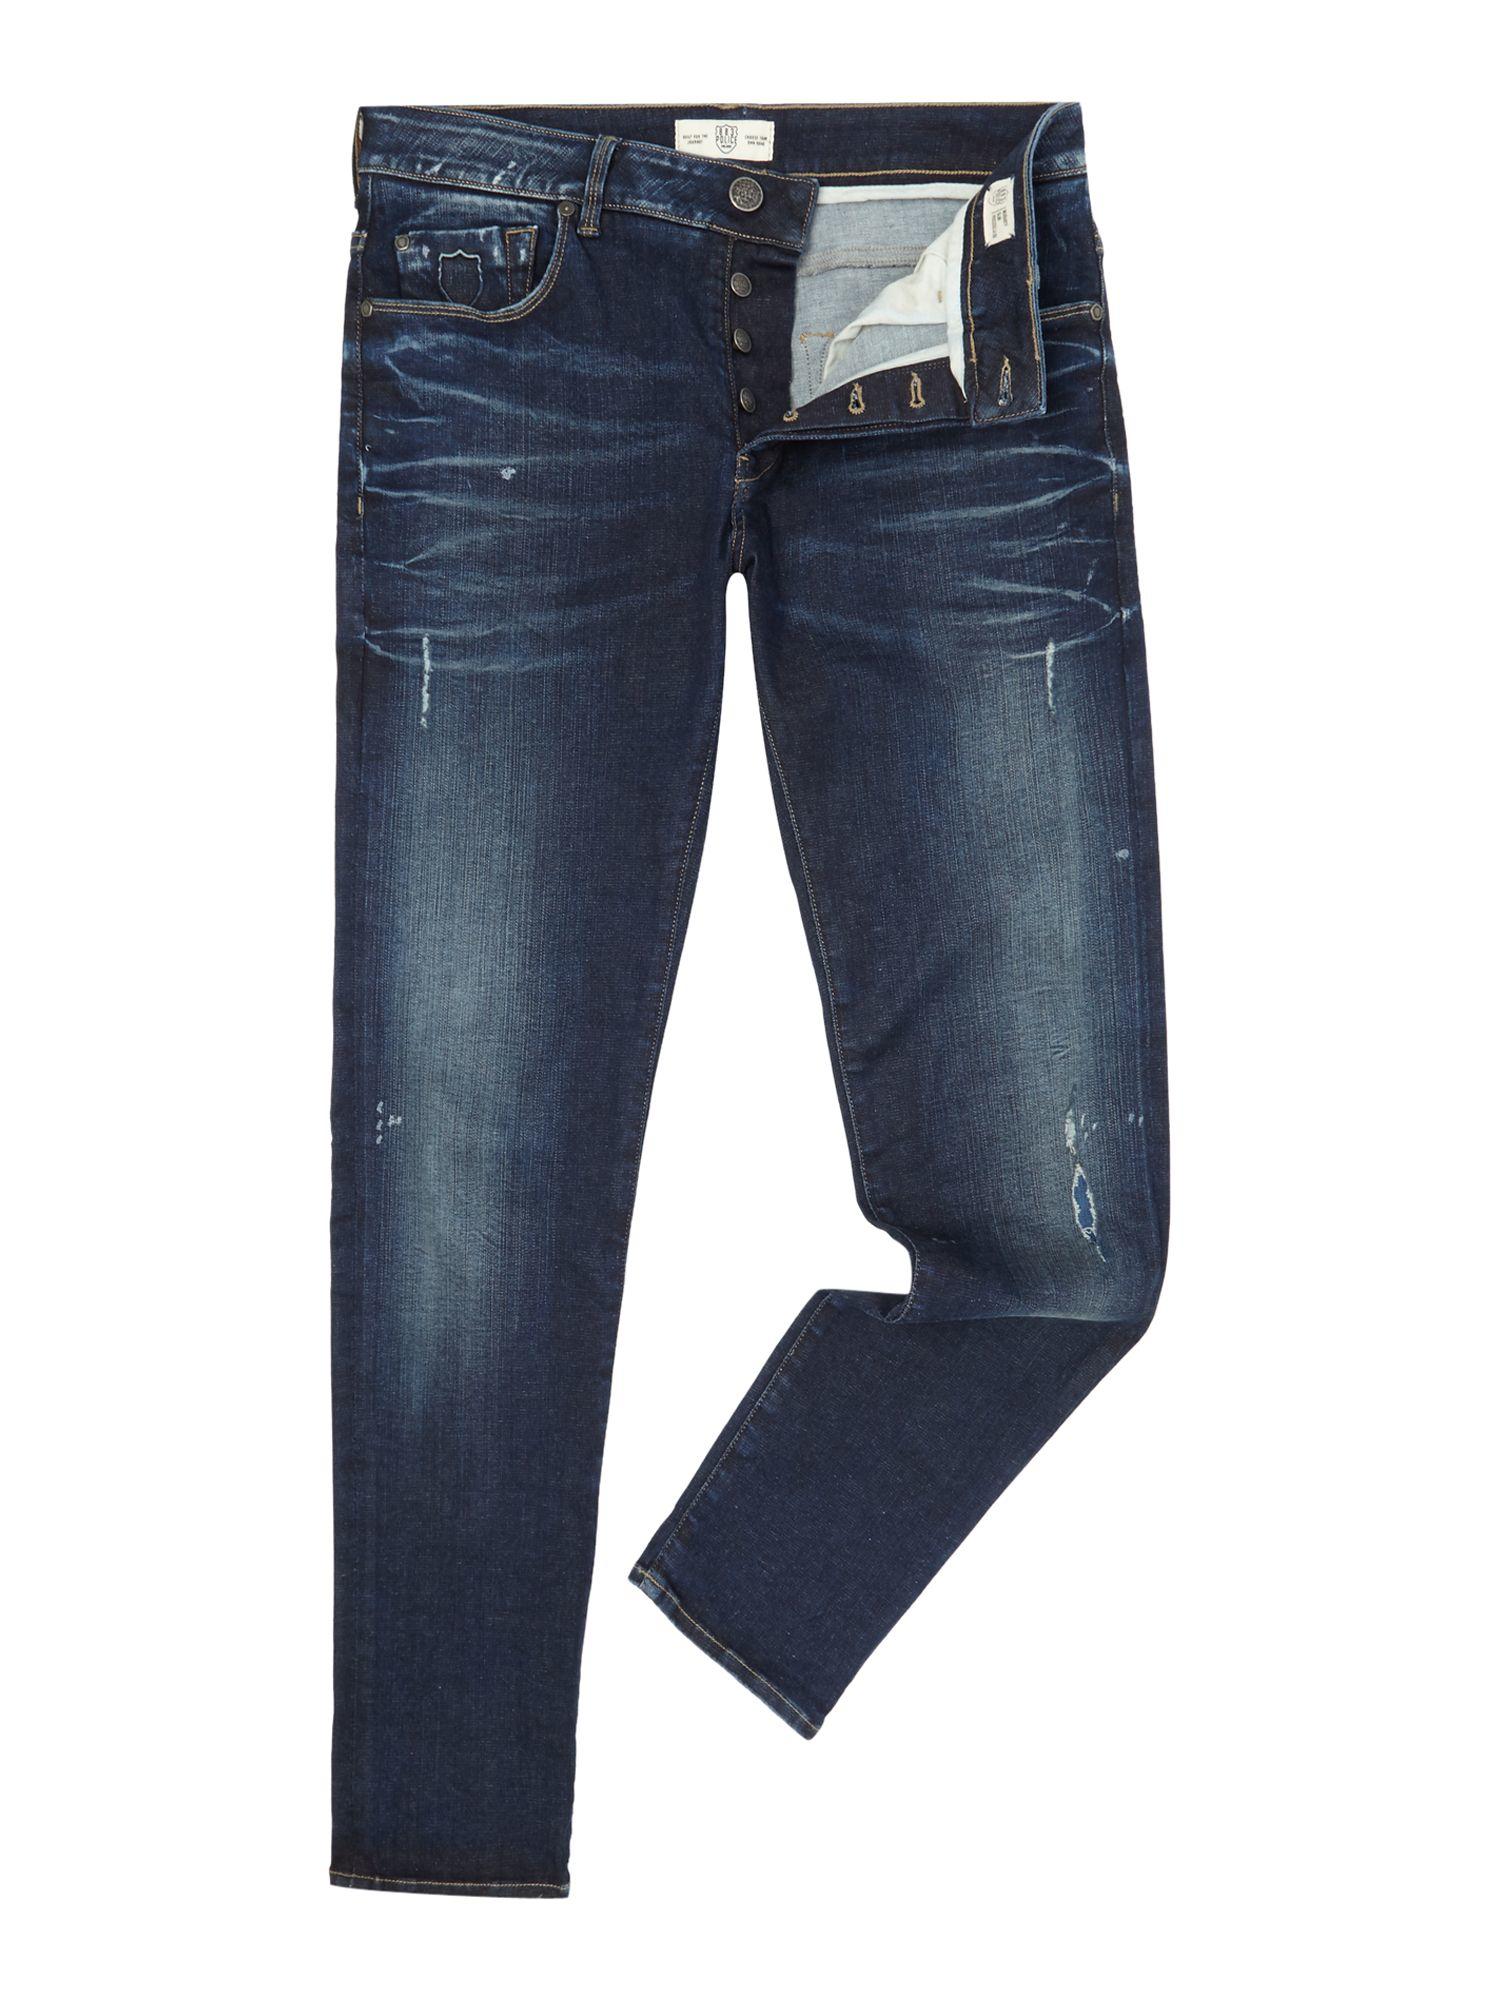 883 Police Denim Moriarty La 359 Activeflex Slim Jeans in Dark Blue (Blue) for Men